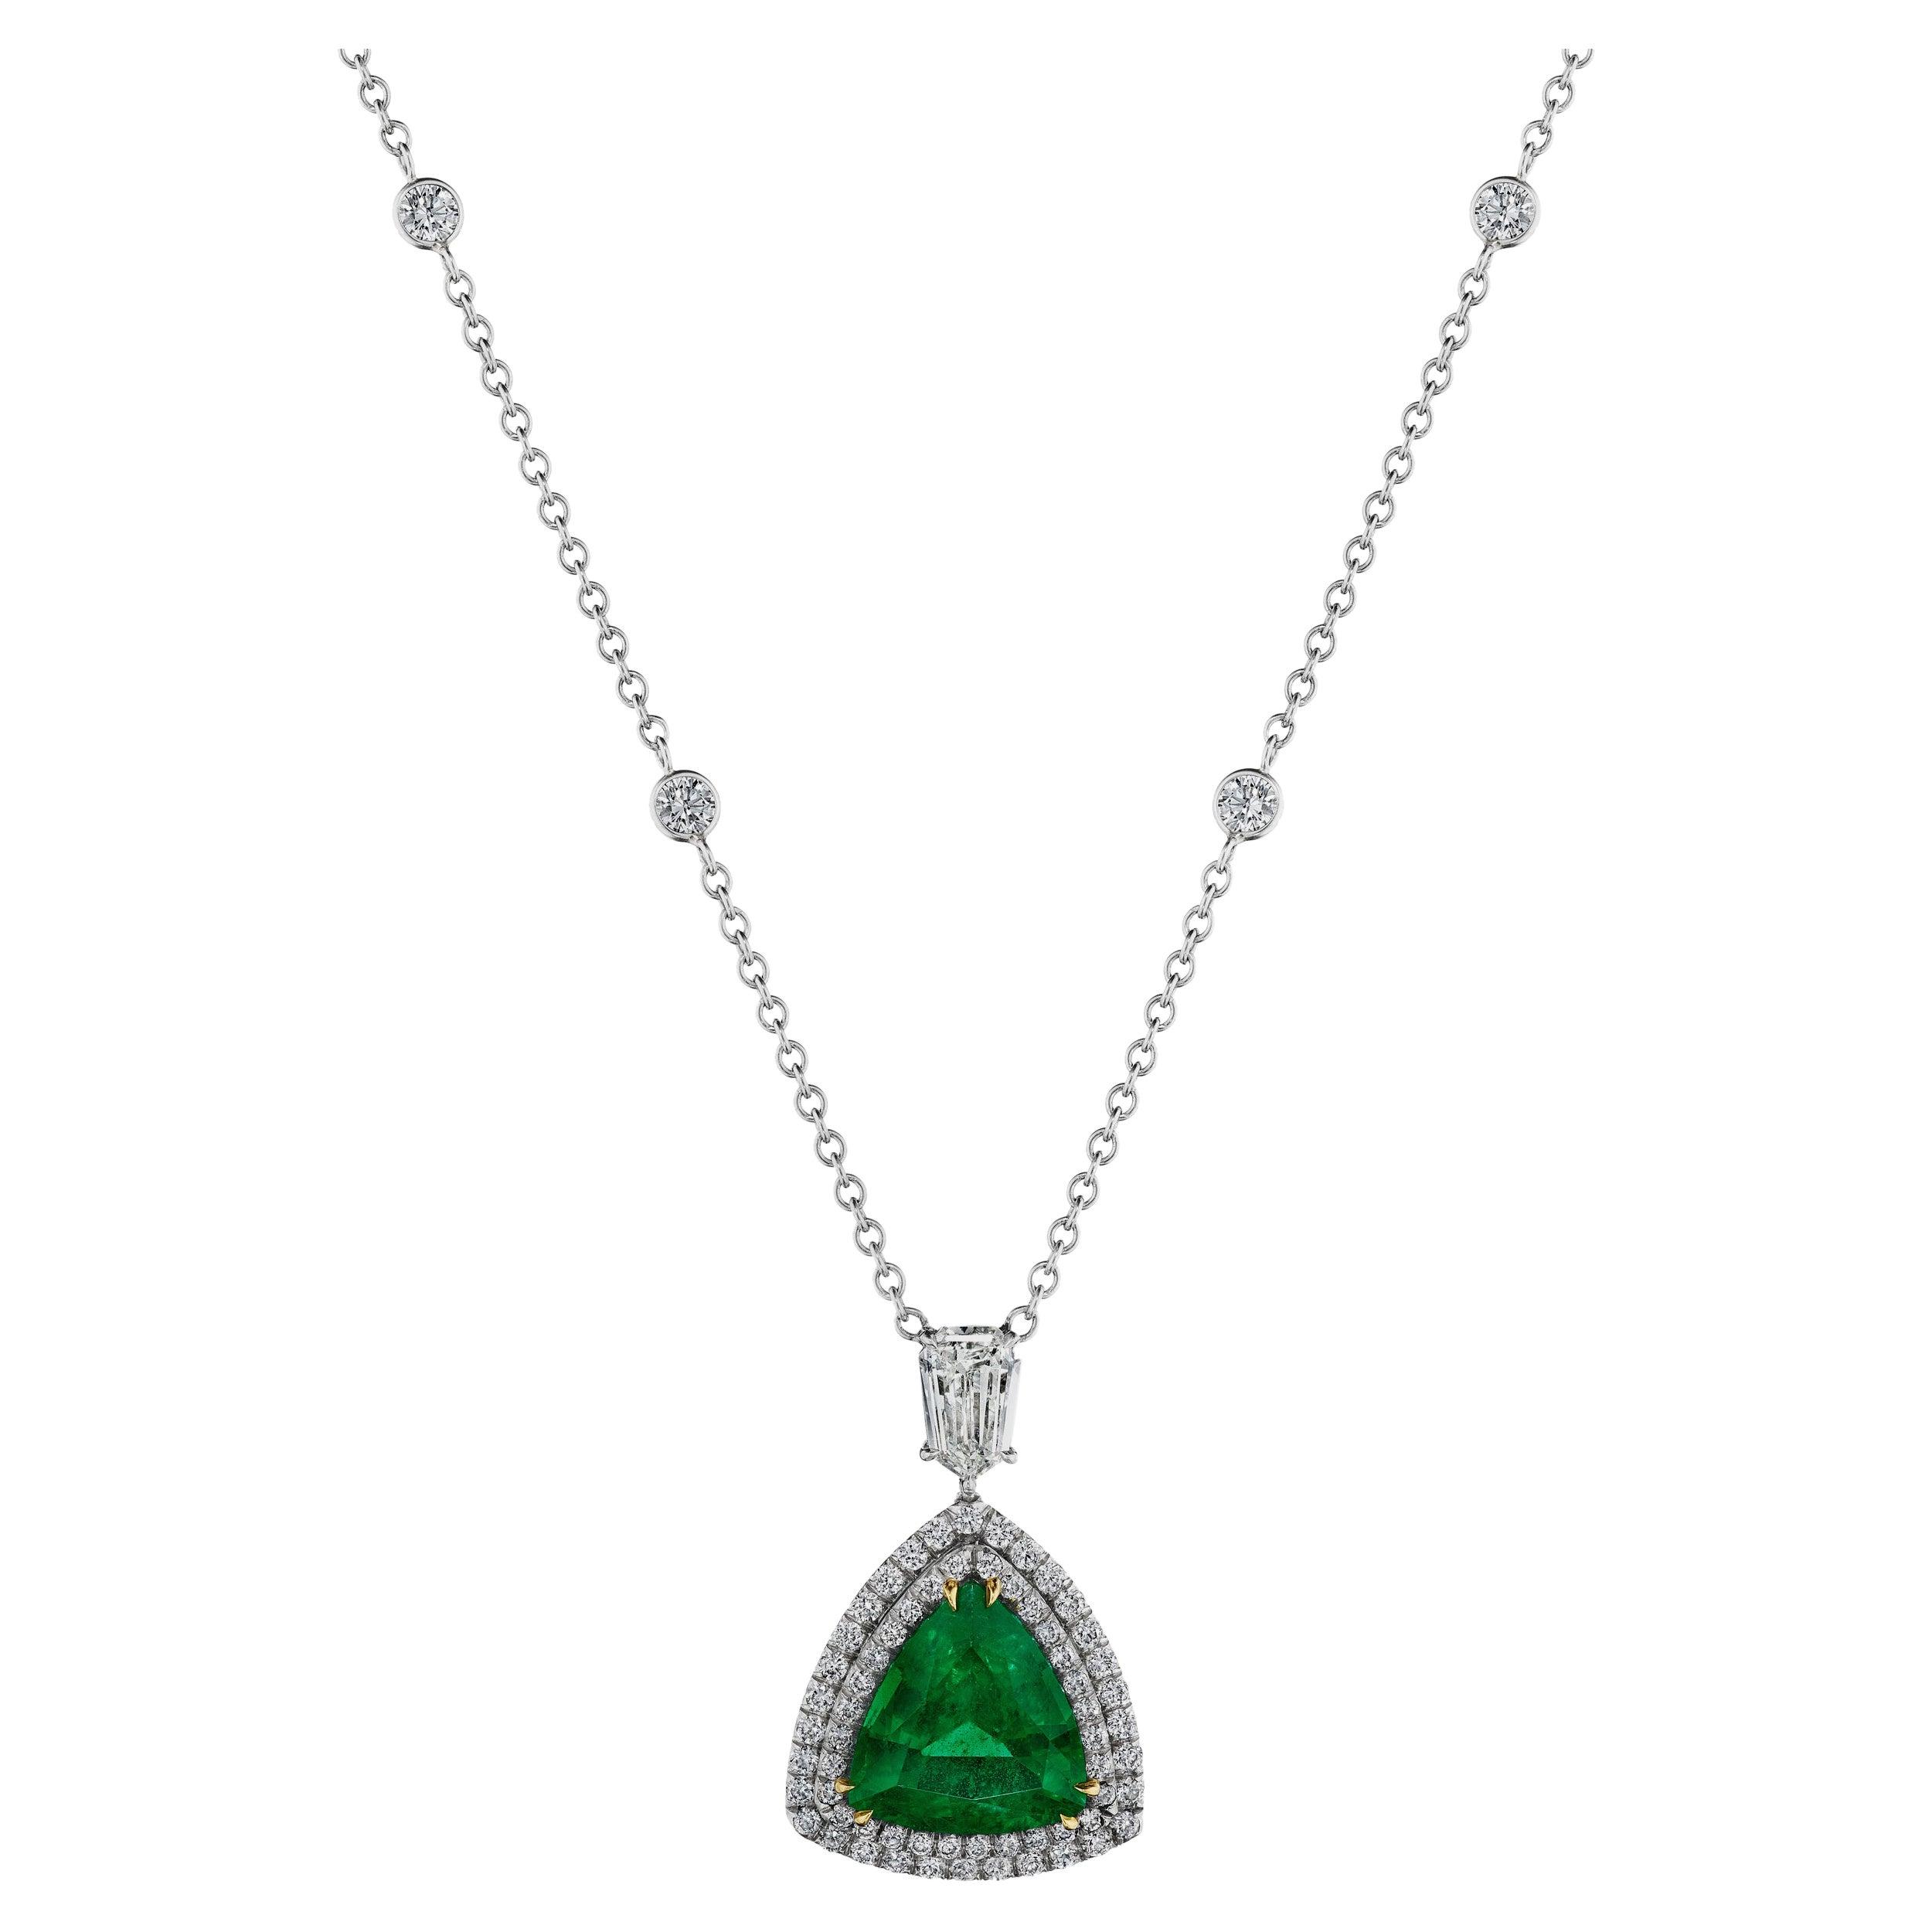 4.75 Carat Trillion Cut Emerald and Diamond Double Halo Pendant Necklace